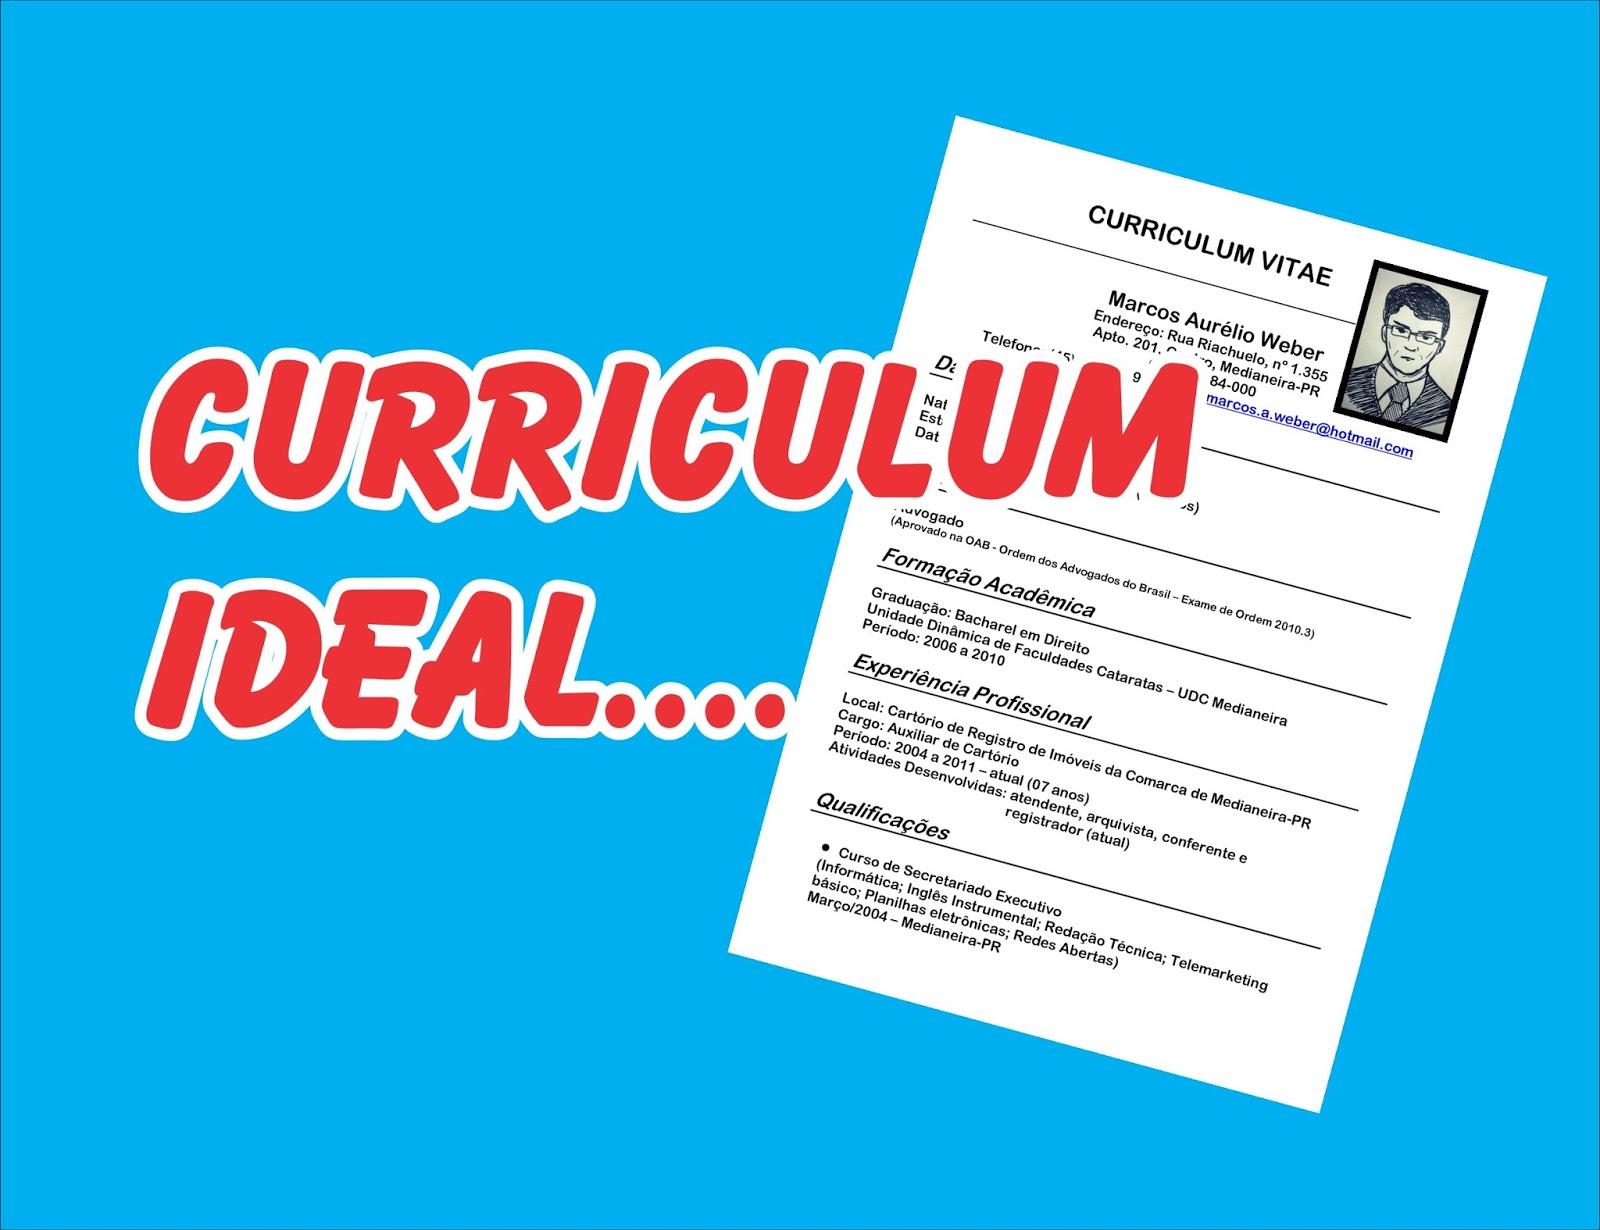 sendo assim compartilhando um modelo de estruturar do curriculum vitae valorizando as